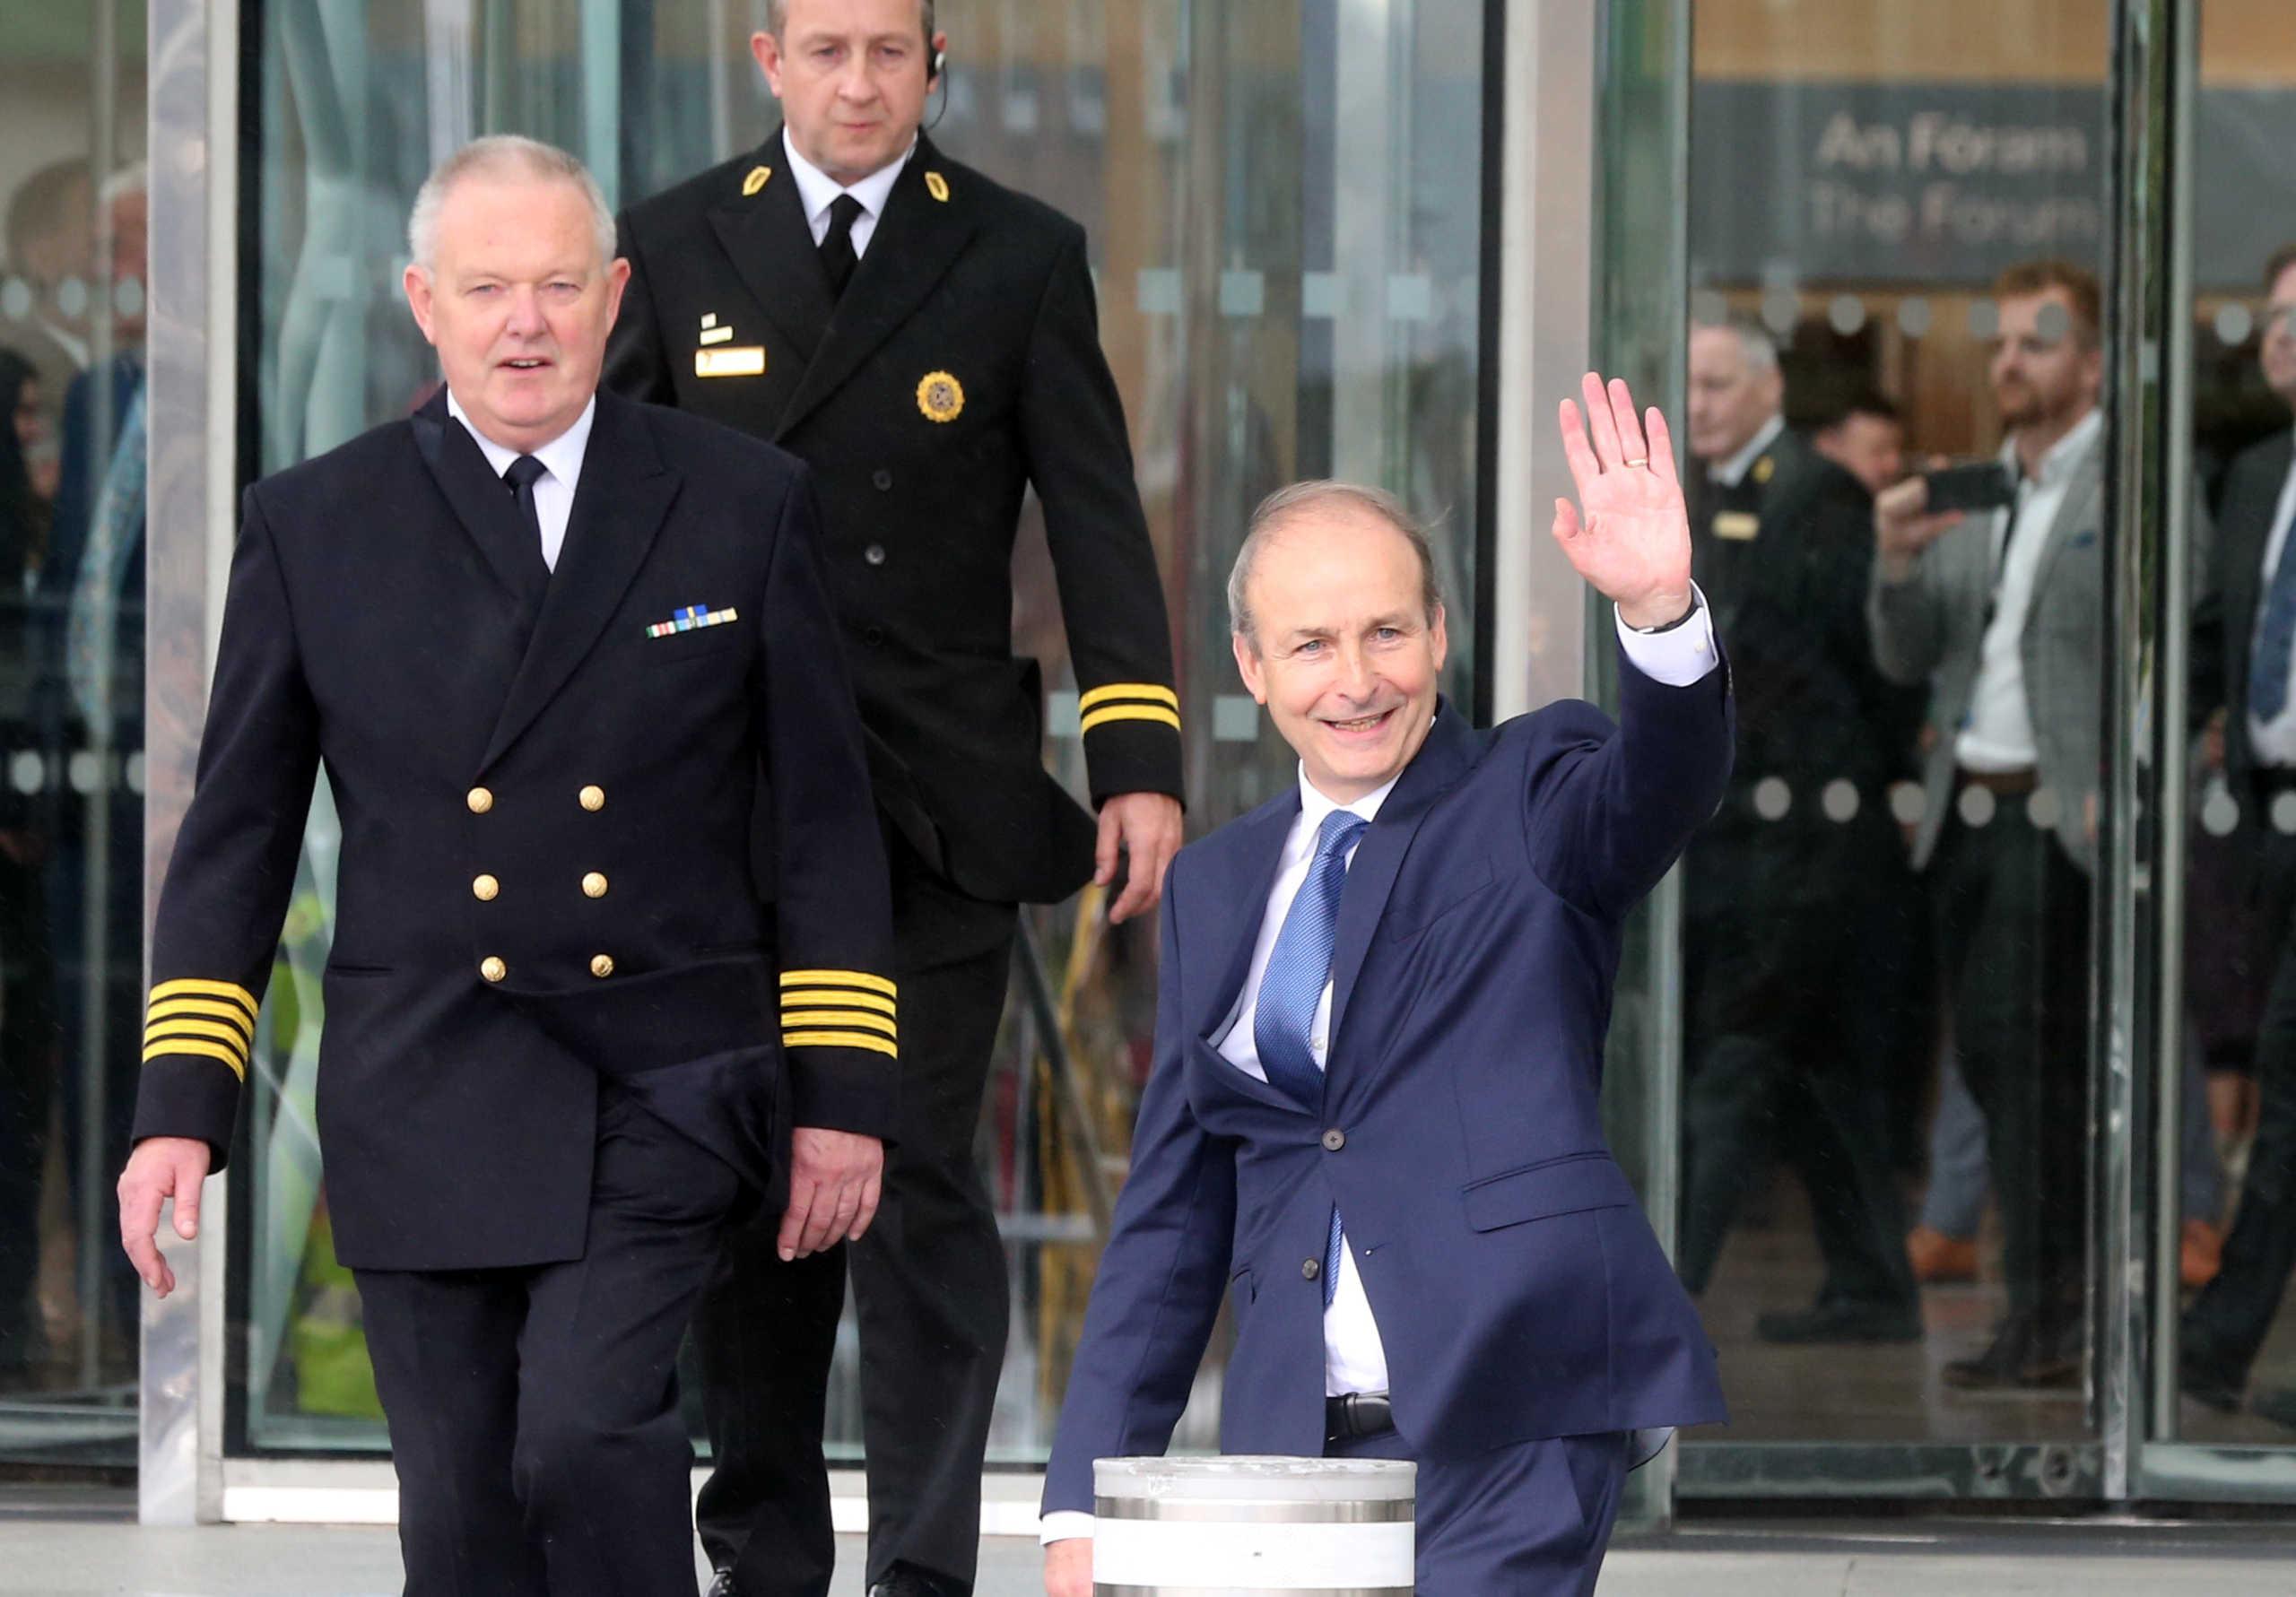 Ιρλανδία: Ο κεντρώος Μάικλ Μάρτιν νέος πρωθυπουργός της χώρας